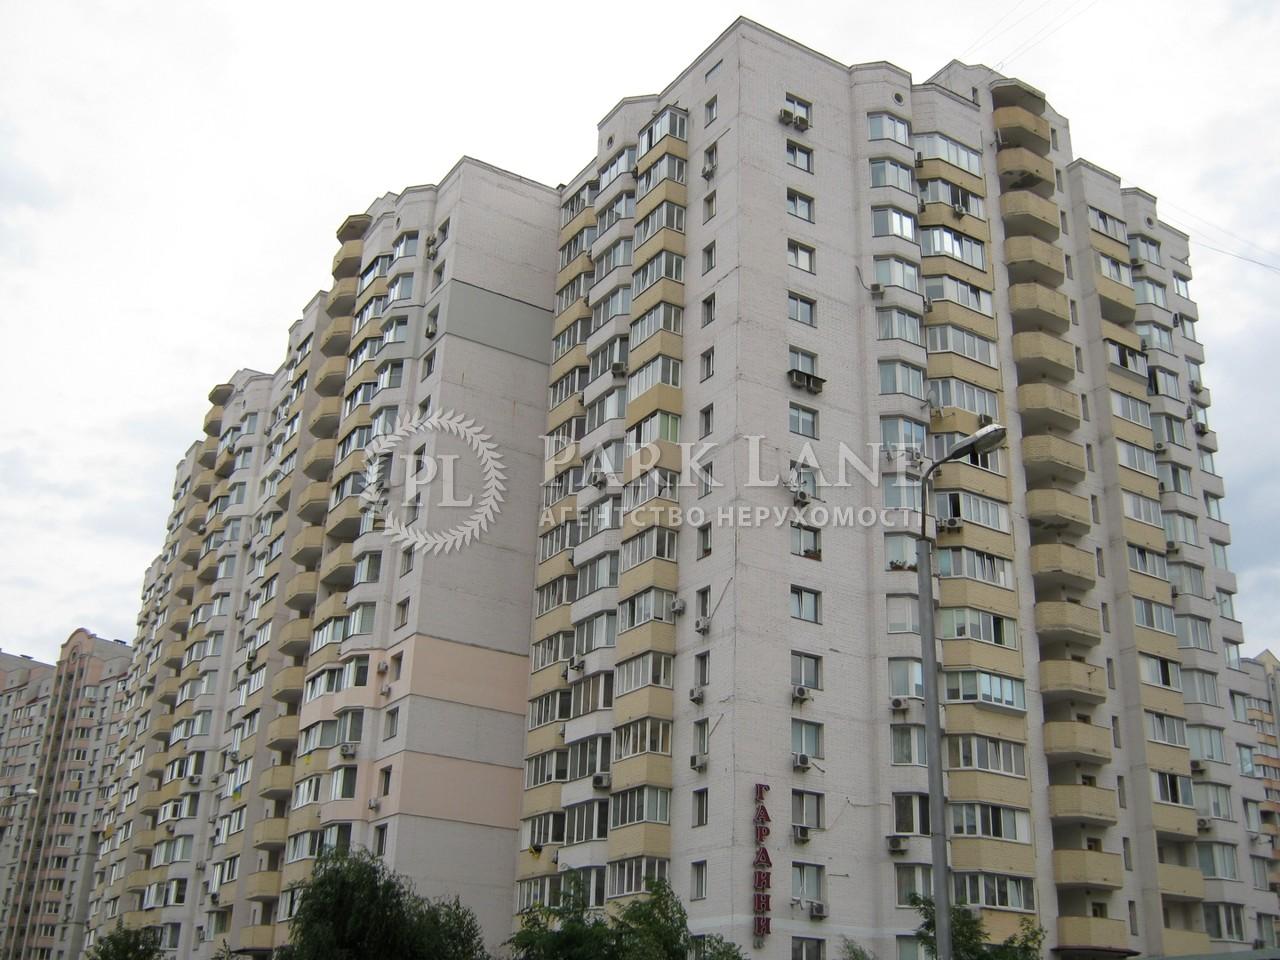 Квартира ул. Ахматовой, 35, Киев, Z-1151426 - Фото 1